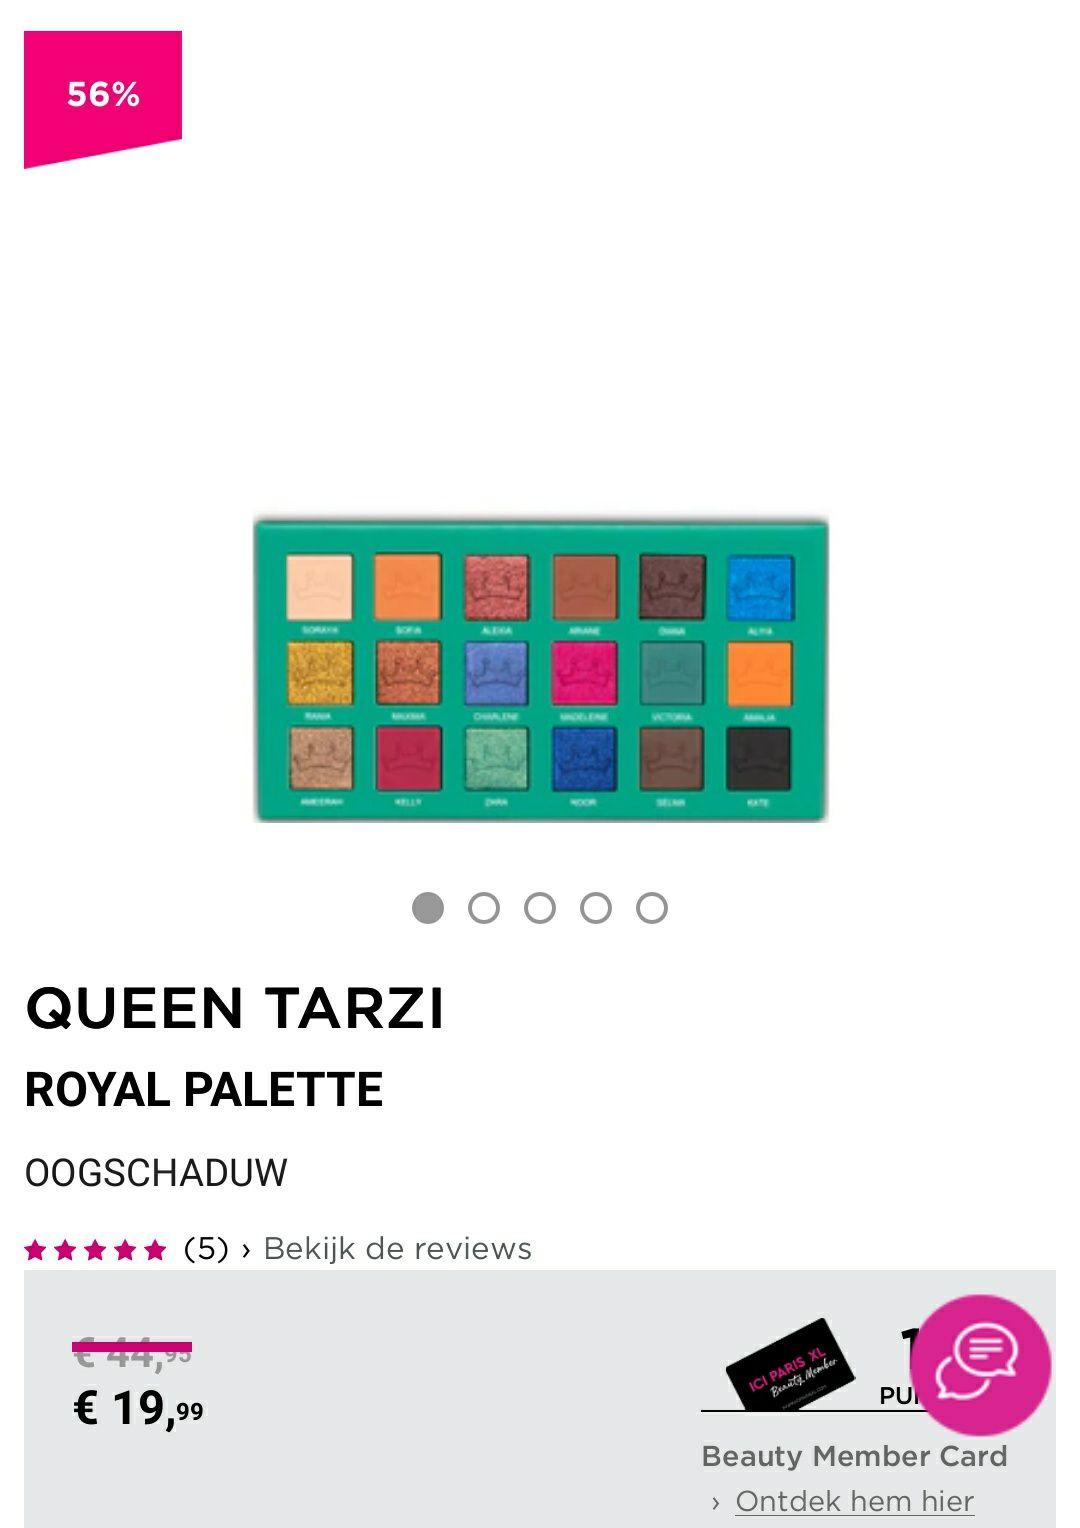 Royal Palette van Queen Tarzi tijdelijk 19.99 euro bij Ici Paris XL